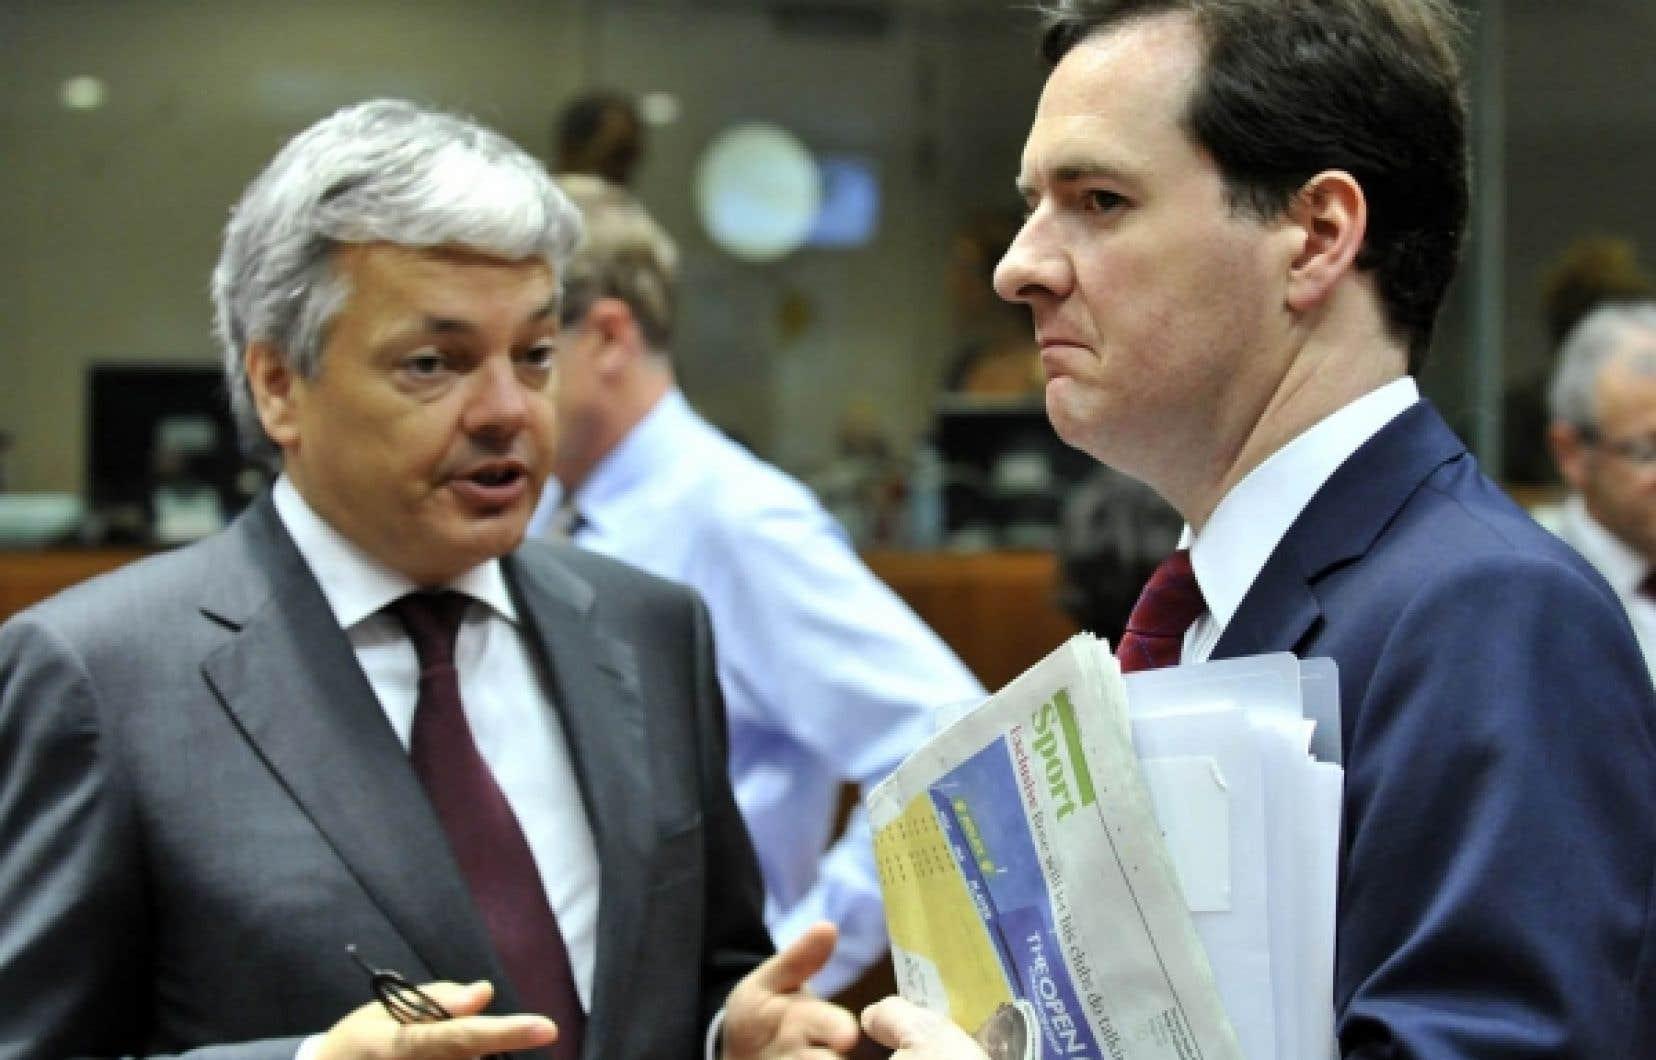 Le ministre des Finances belge, Midier Reynders, discute avec le chancelier de l'Échiquier, George Osborne, au cours de la réunion des ministres des Finances de l'Union européenne, hier, qui leur a permis de progresser vers un accord sur la supervision financière.<br />